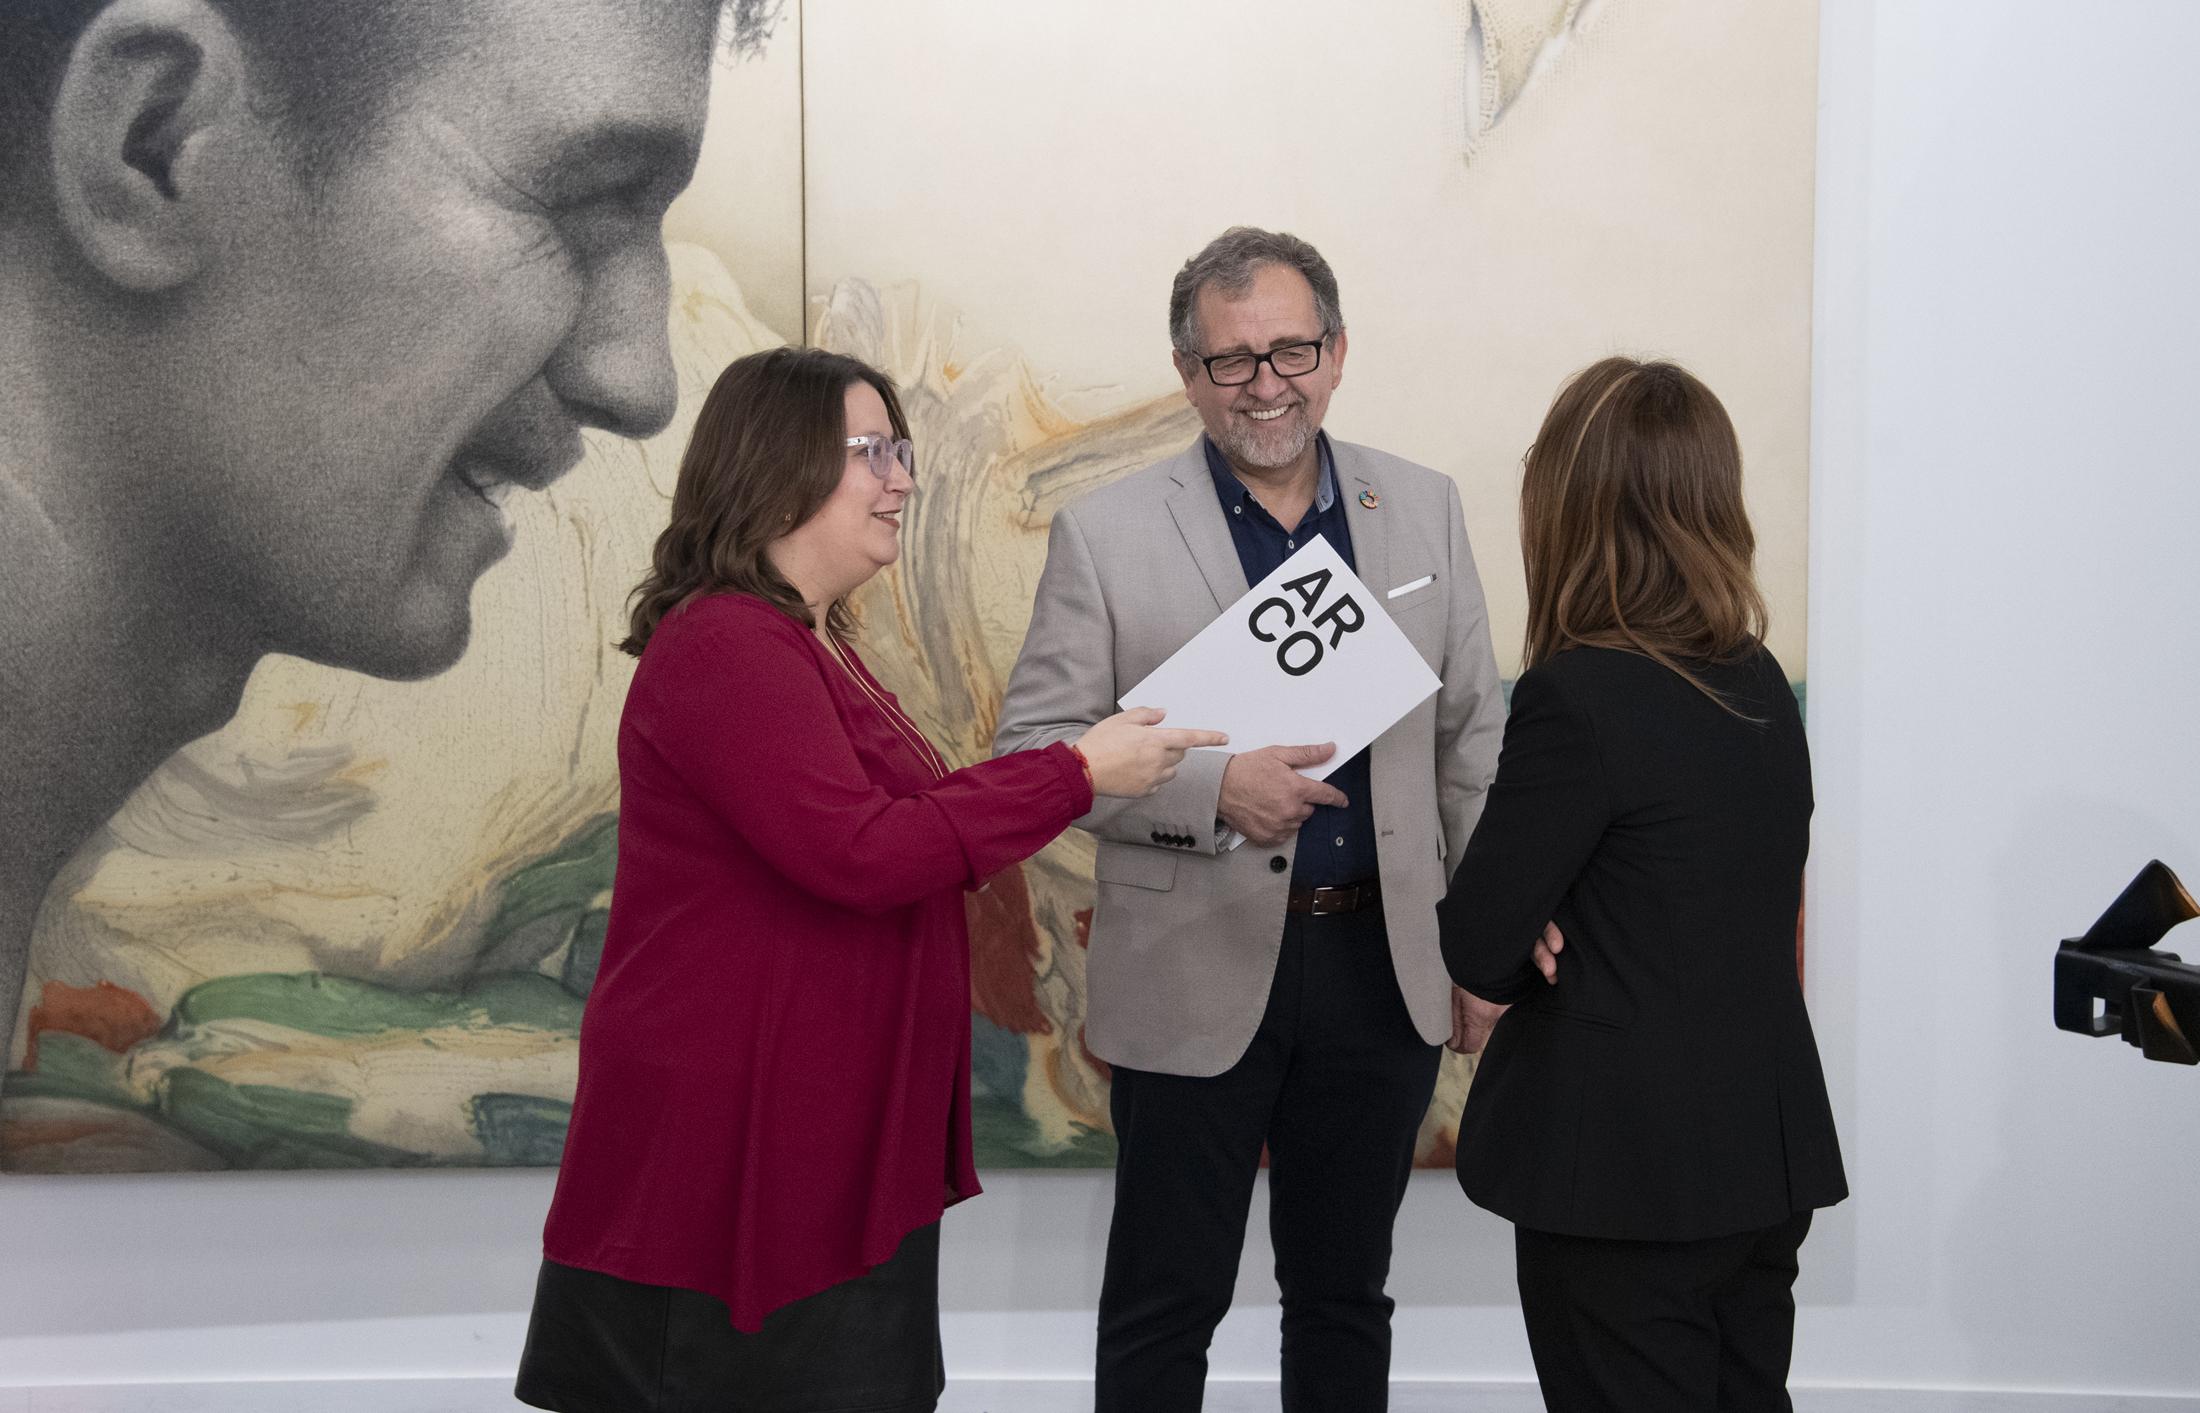 La Diputación de Castellón amplía su fondo artístico con la adquisición de ocho obras de arte contemporáneo